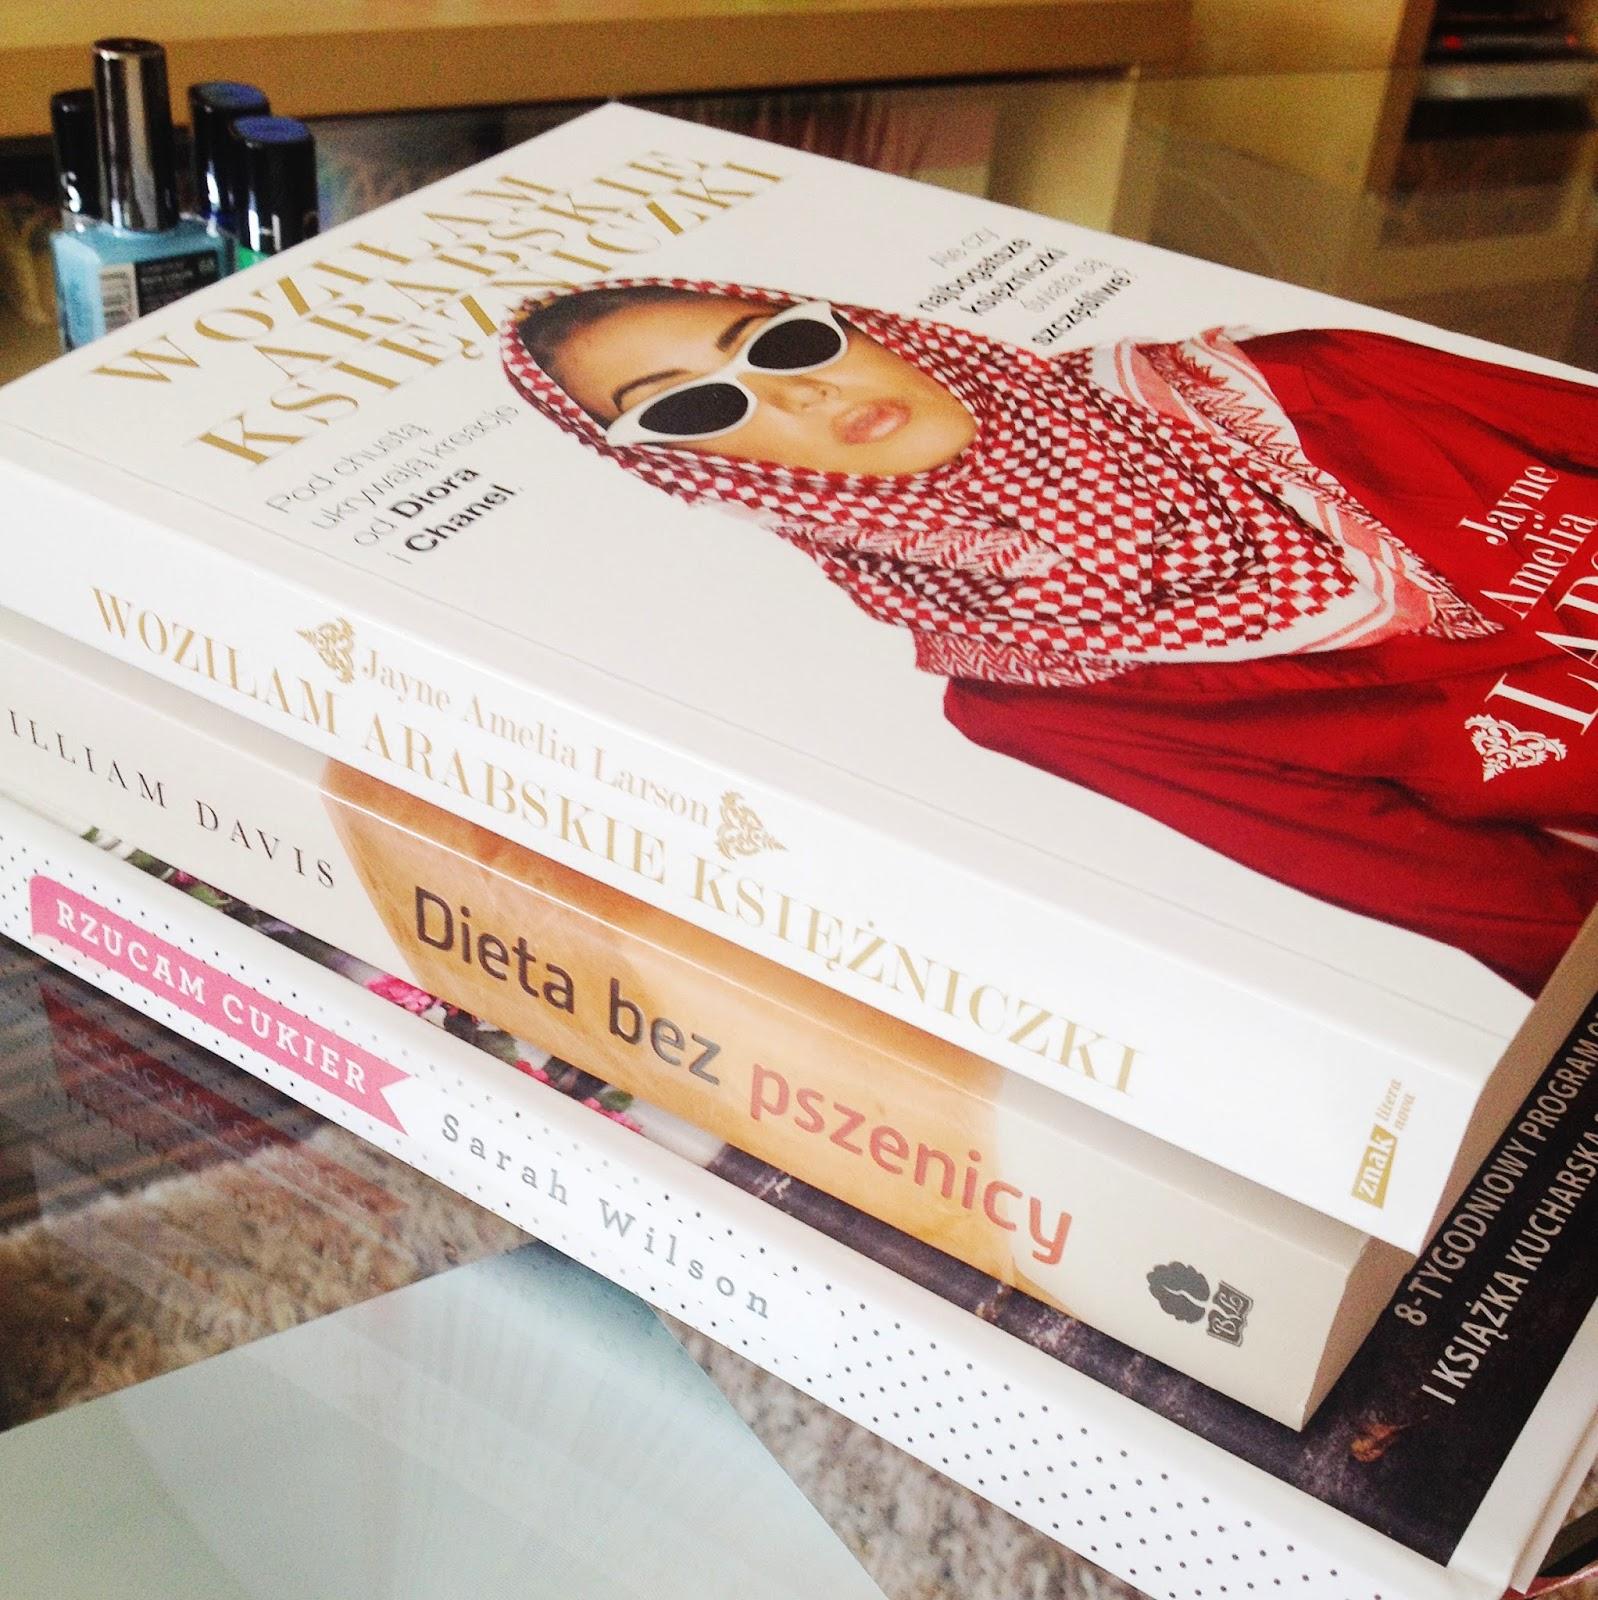 Książki books polish